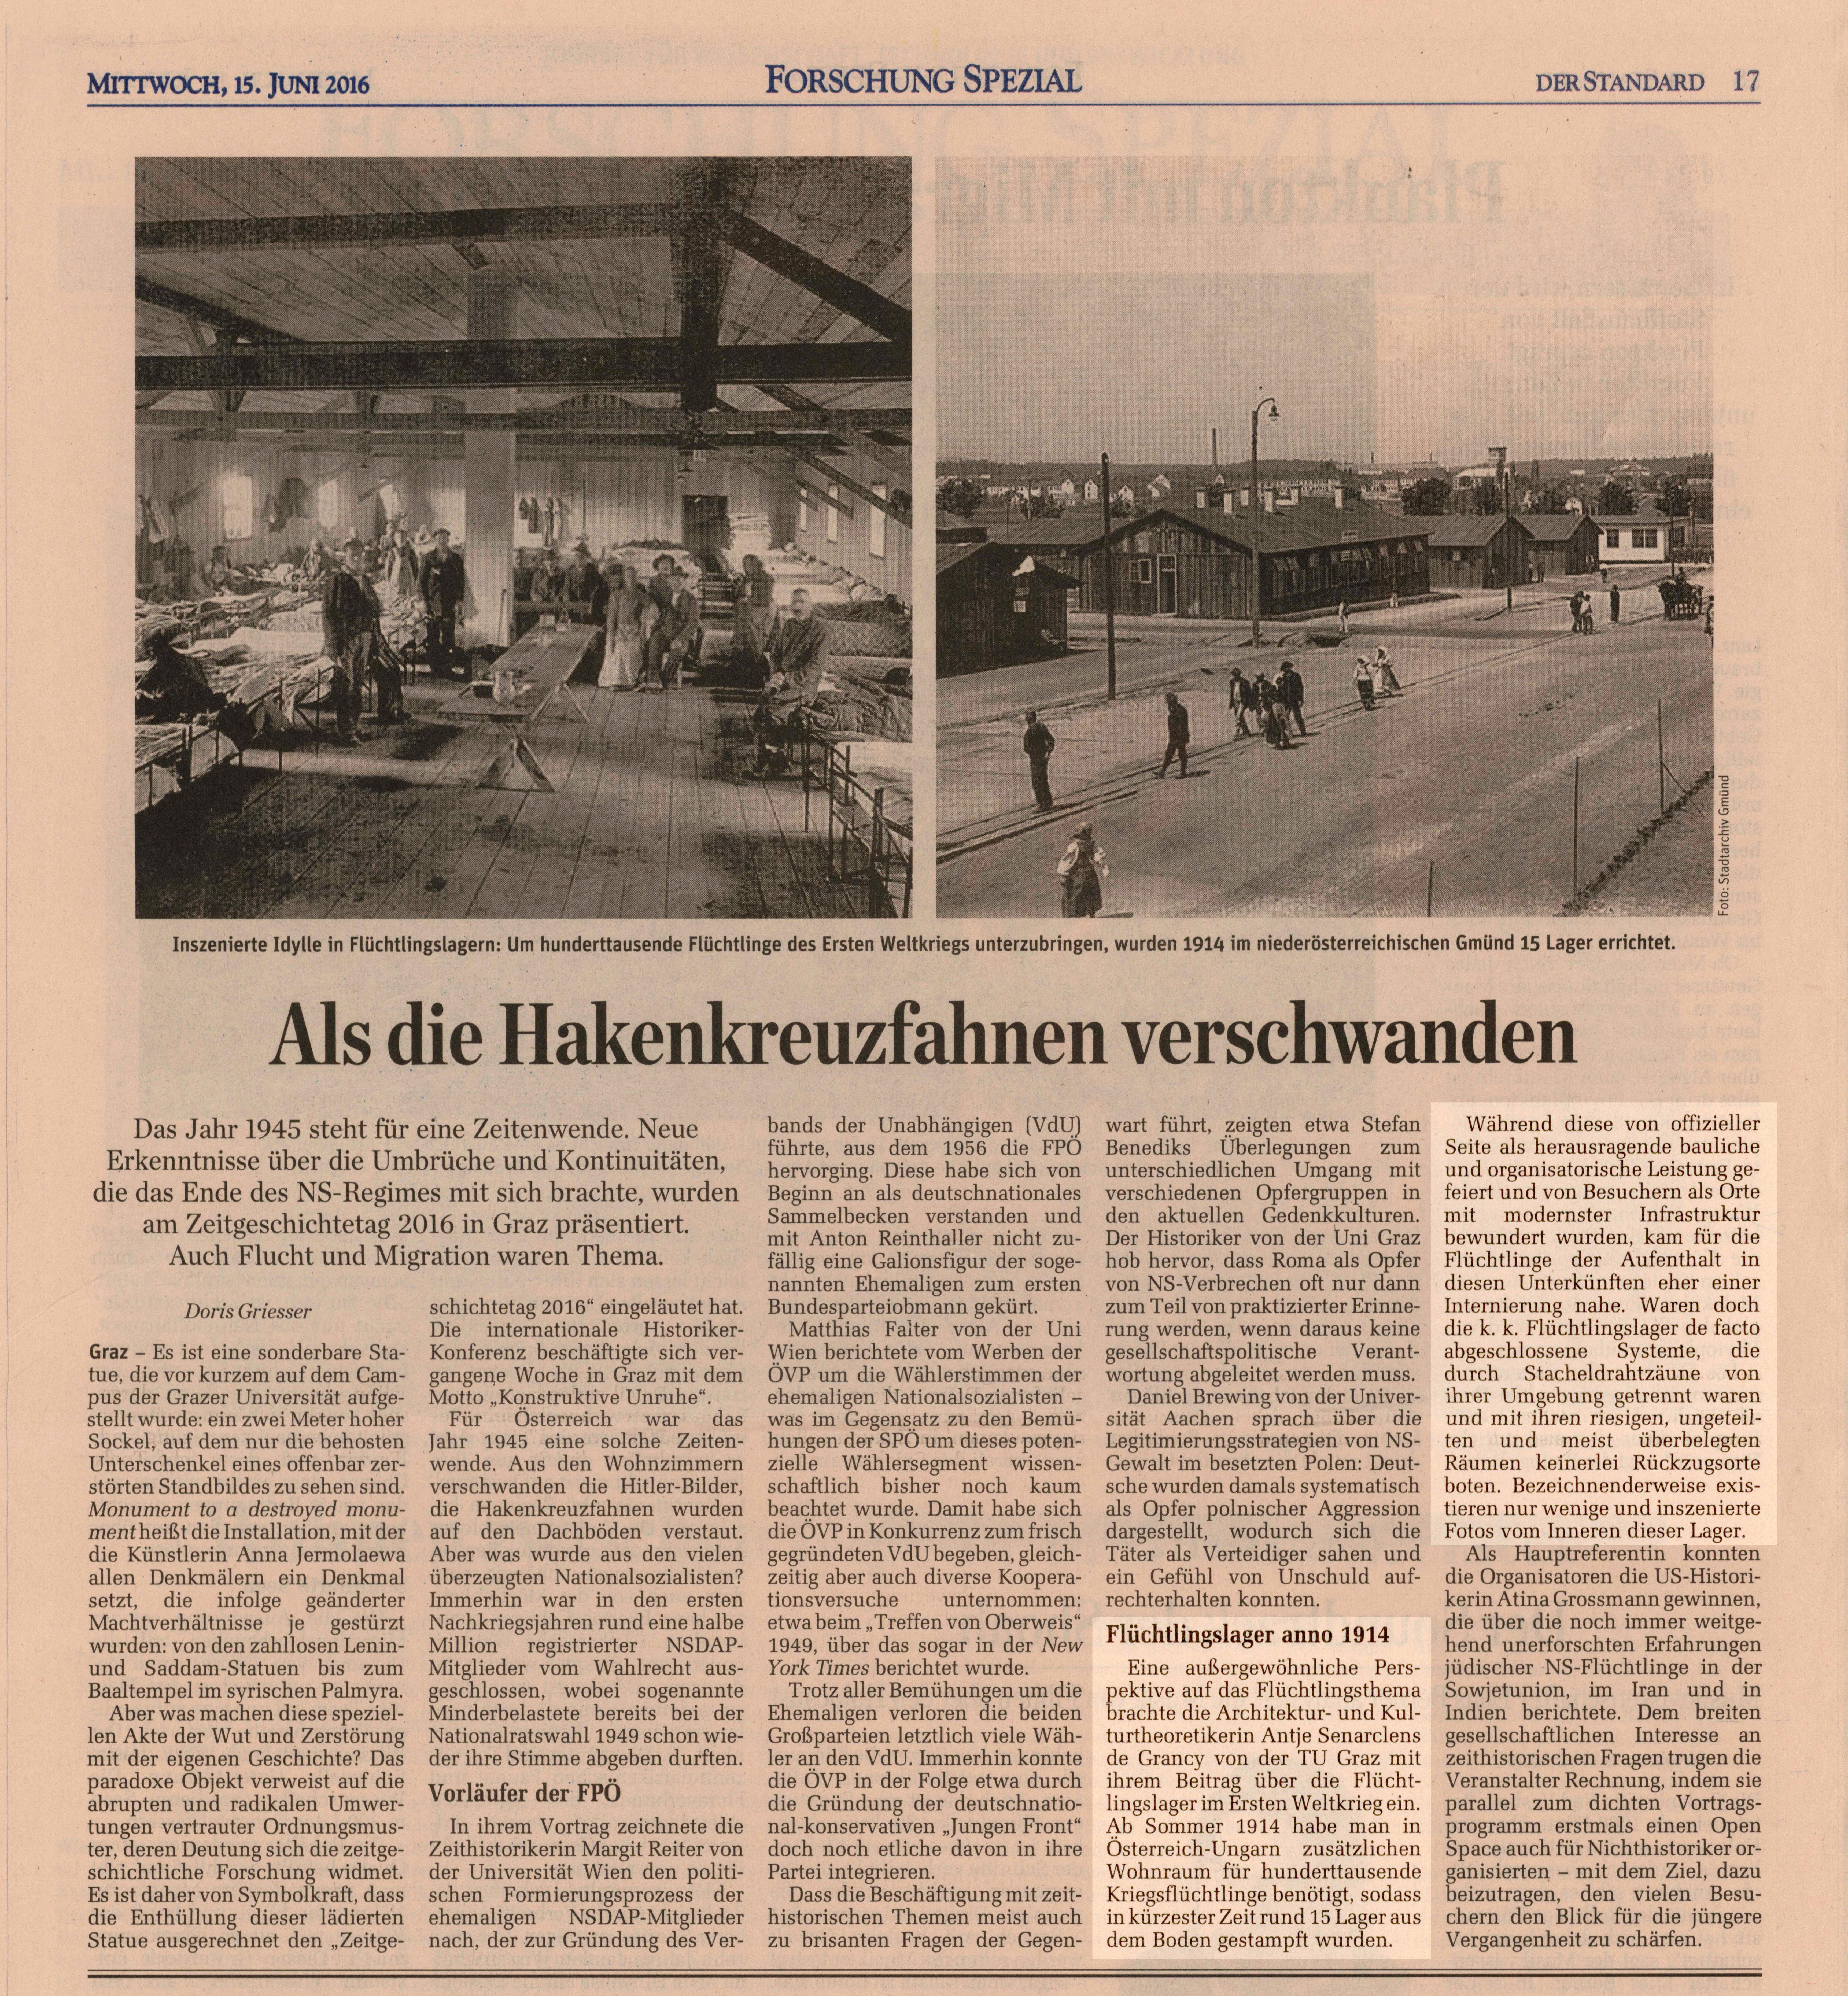 Link zu Griesser, Doris: <i>&#8222;Als die Hakenkreuzfahnen verschwanden&#8220;</i>, in: Der Standard, 15.06.2016